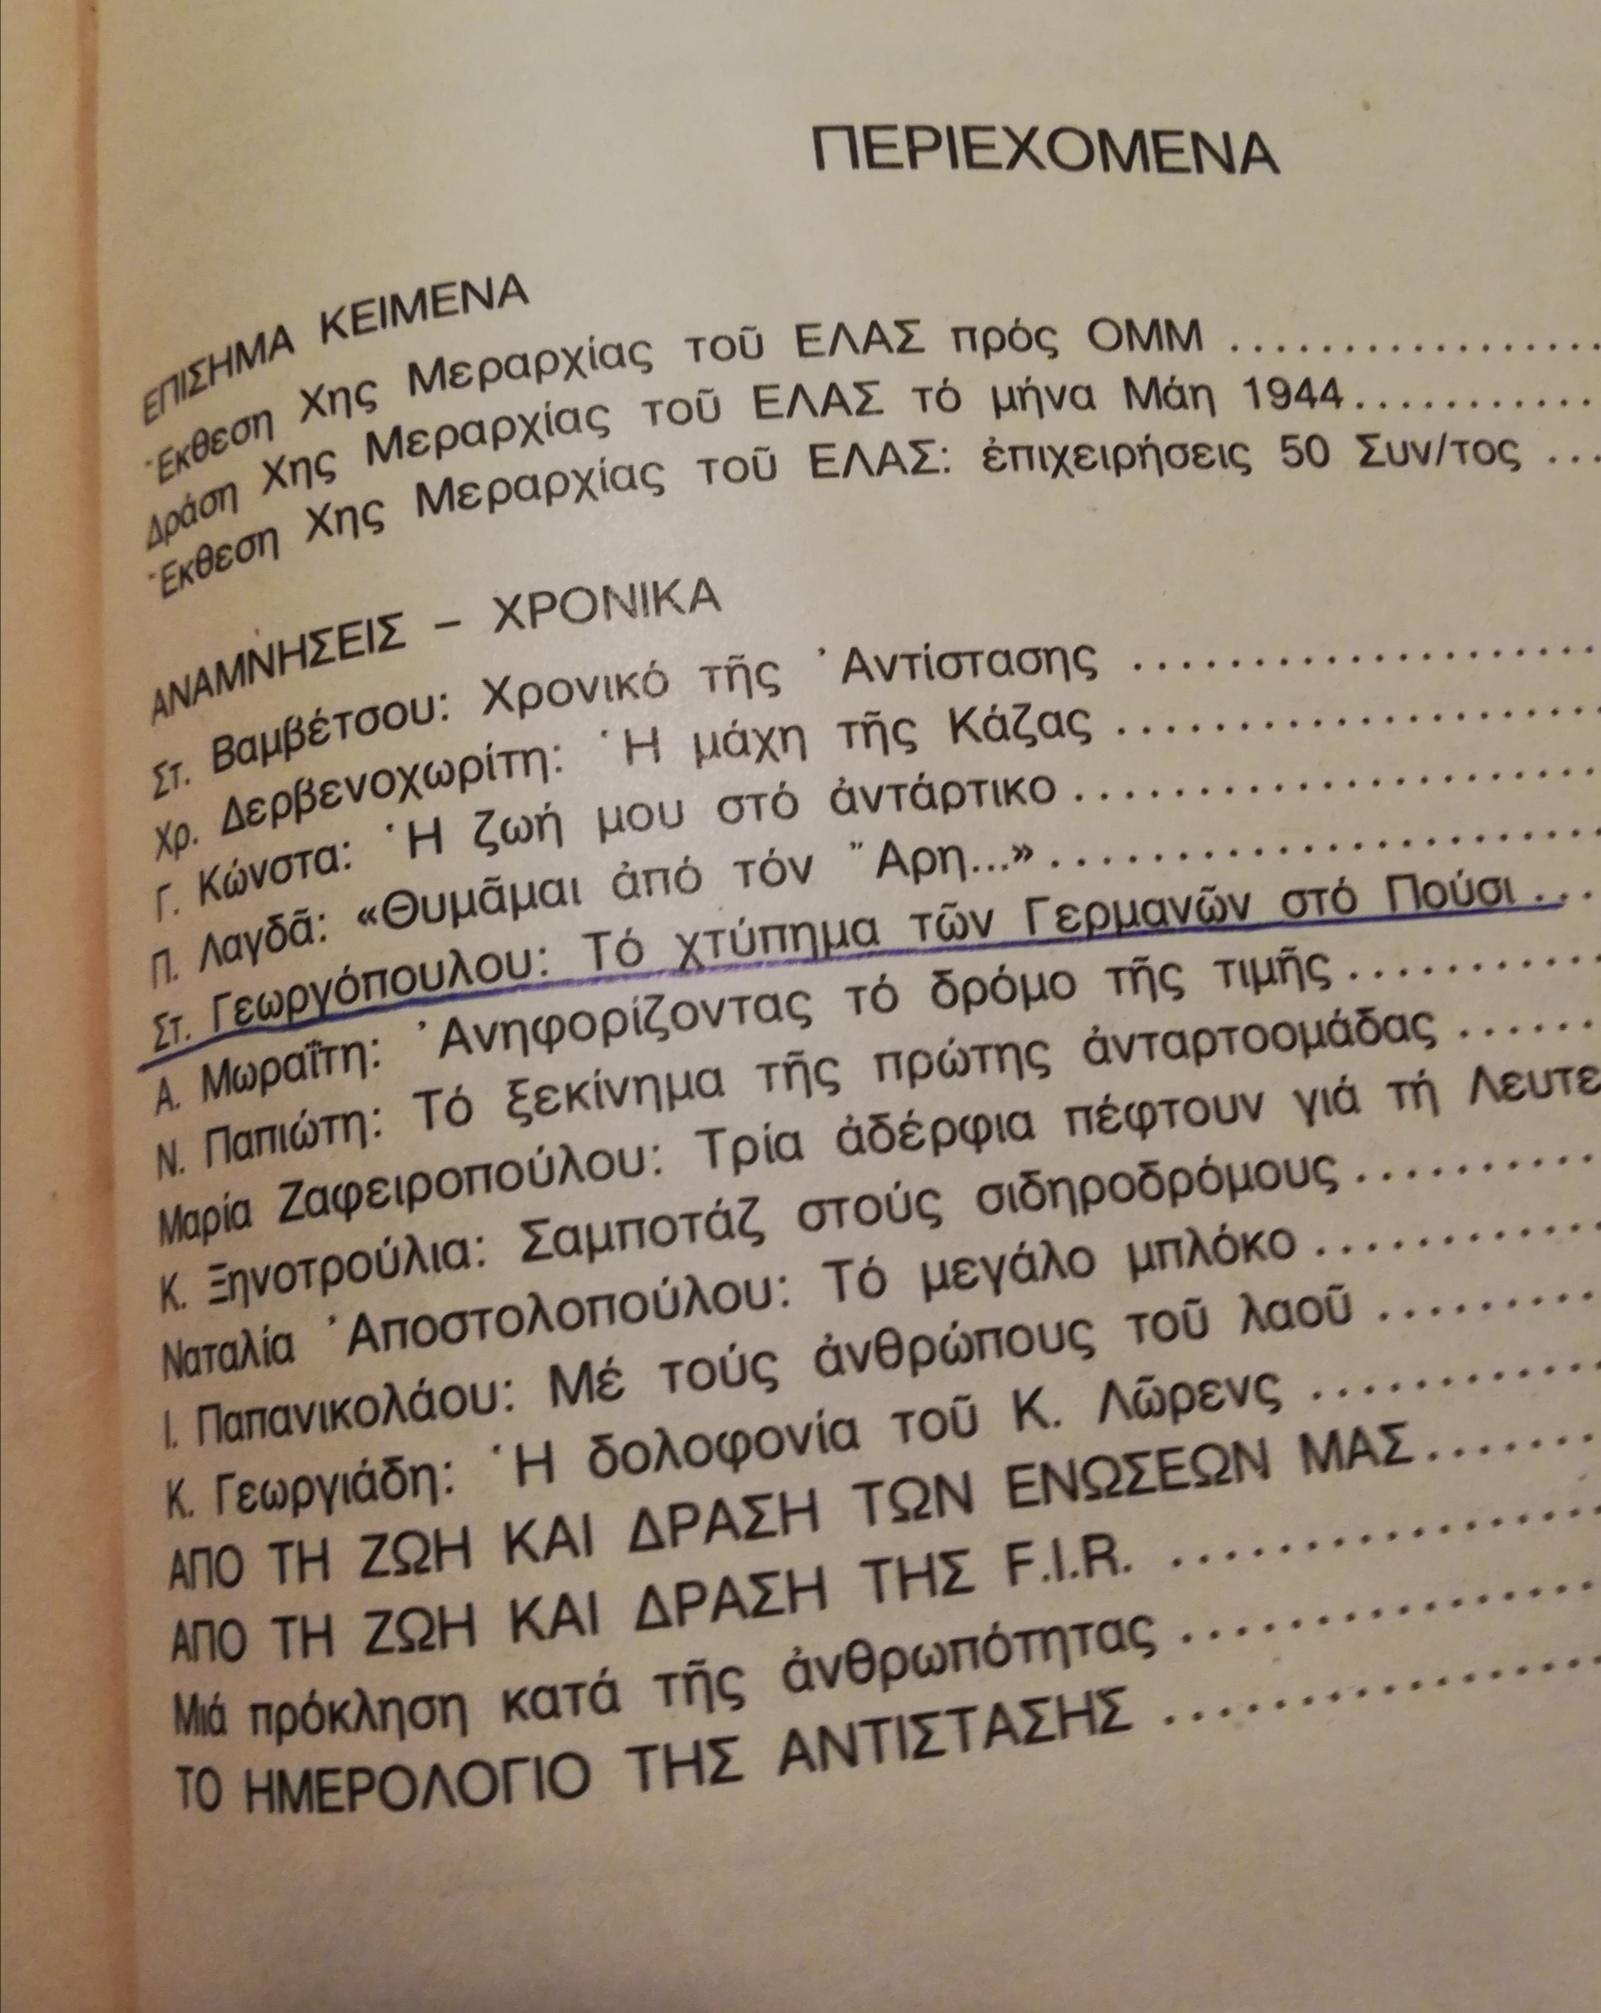 Η Εφη Γεωργοπούλου-Σαλτάρη για την 25η Νοέμβρη: Μέρα μνήμης και τιμής στην Εθνική Αντίσταση - Κείμενο για την μάχη στη θέση Πούσι του Λάλα Ηλείας δημοσιευμένο στο περιοδικό ''ΕΘΝΙΚΗ ΑΝΤΙΣΤΑΣΗ''